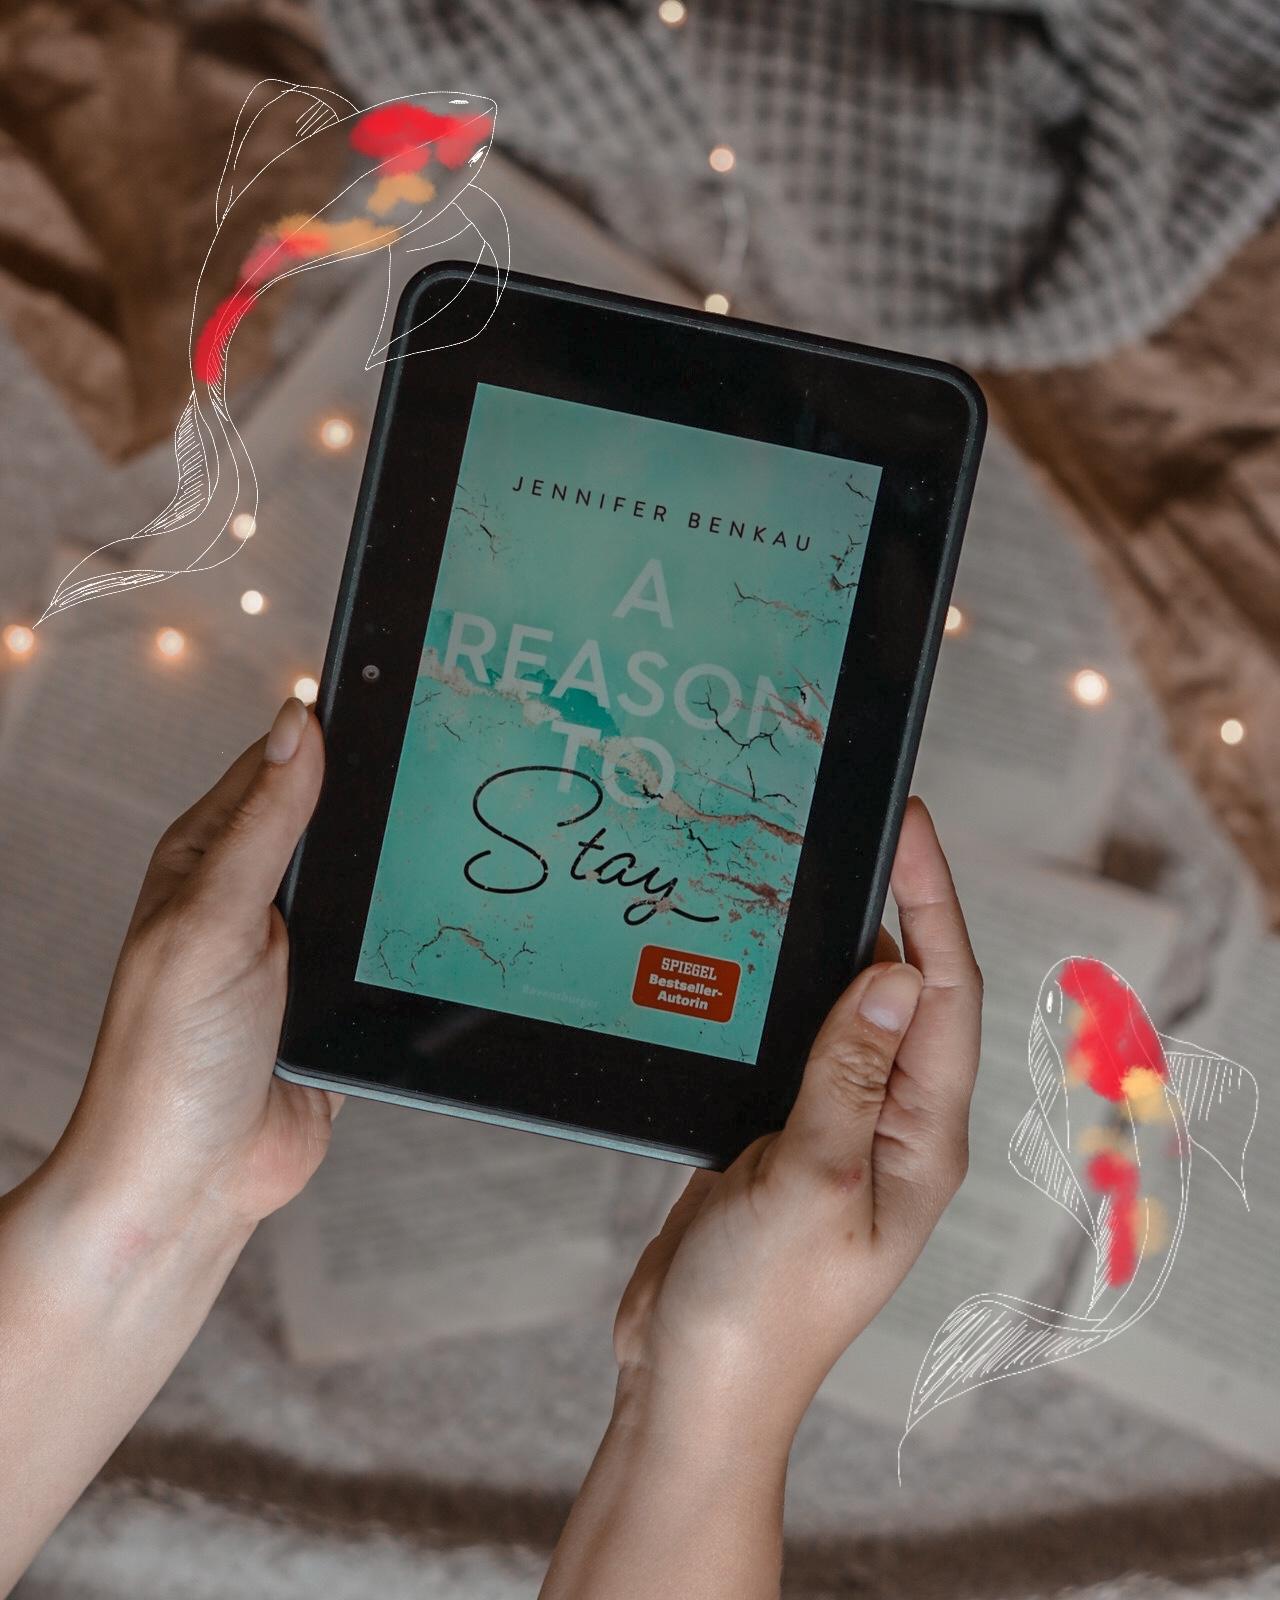 A Reason To Stay | Jennifer Benkau